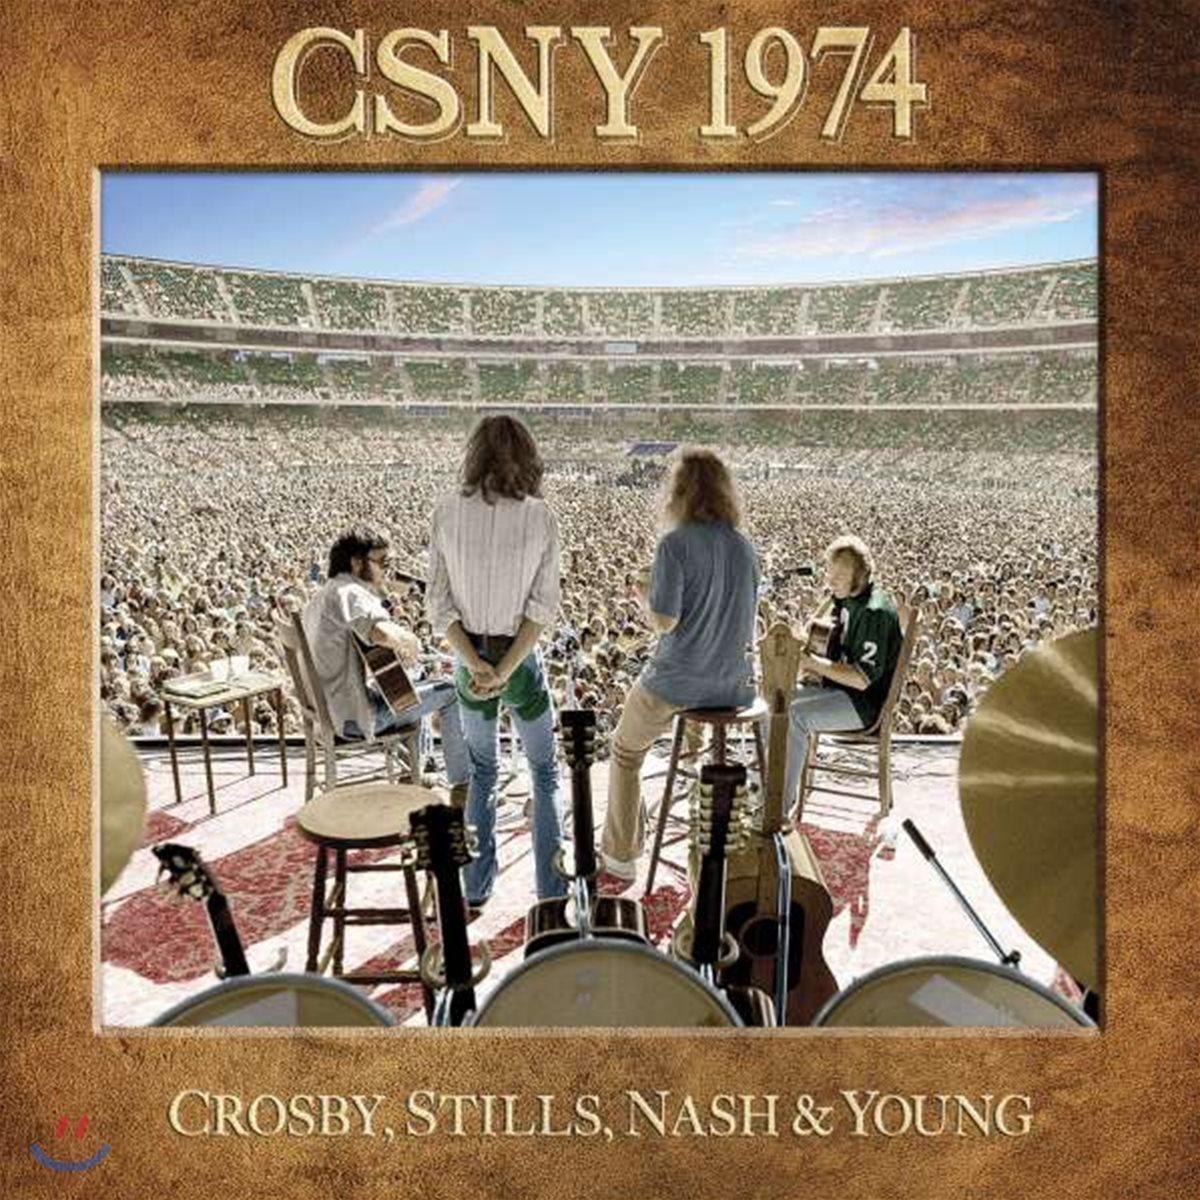 Crosby, Stills, Nash & Young - CSNY 1974 (Deluxe Edition)